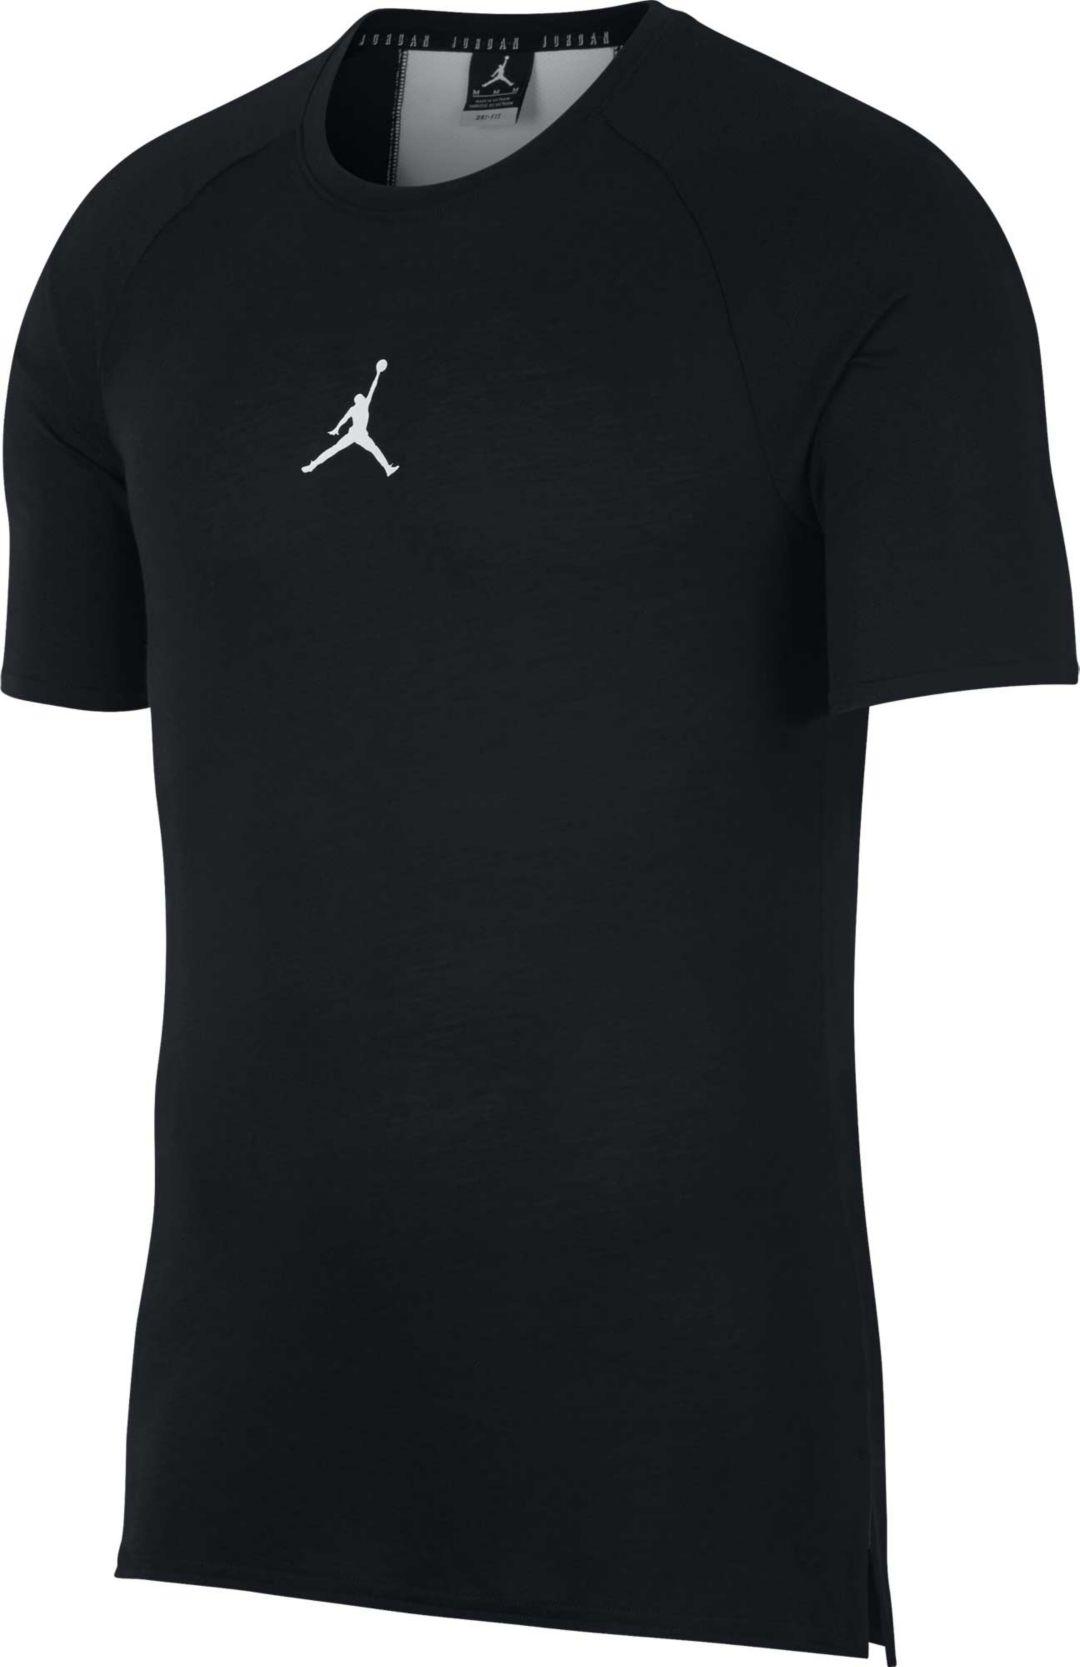 nouveau concept c410e bc59a Jordan Men's Dry 23 Alpha Training T-Shirt | DICK'S Sporting ...